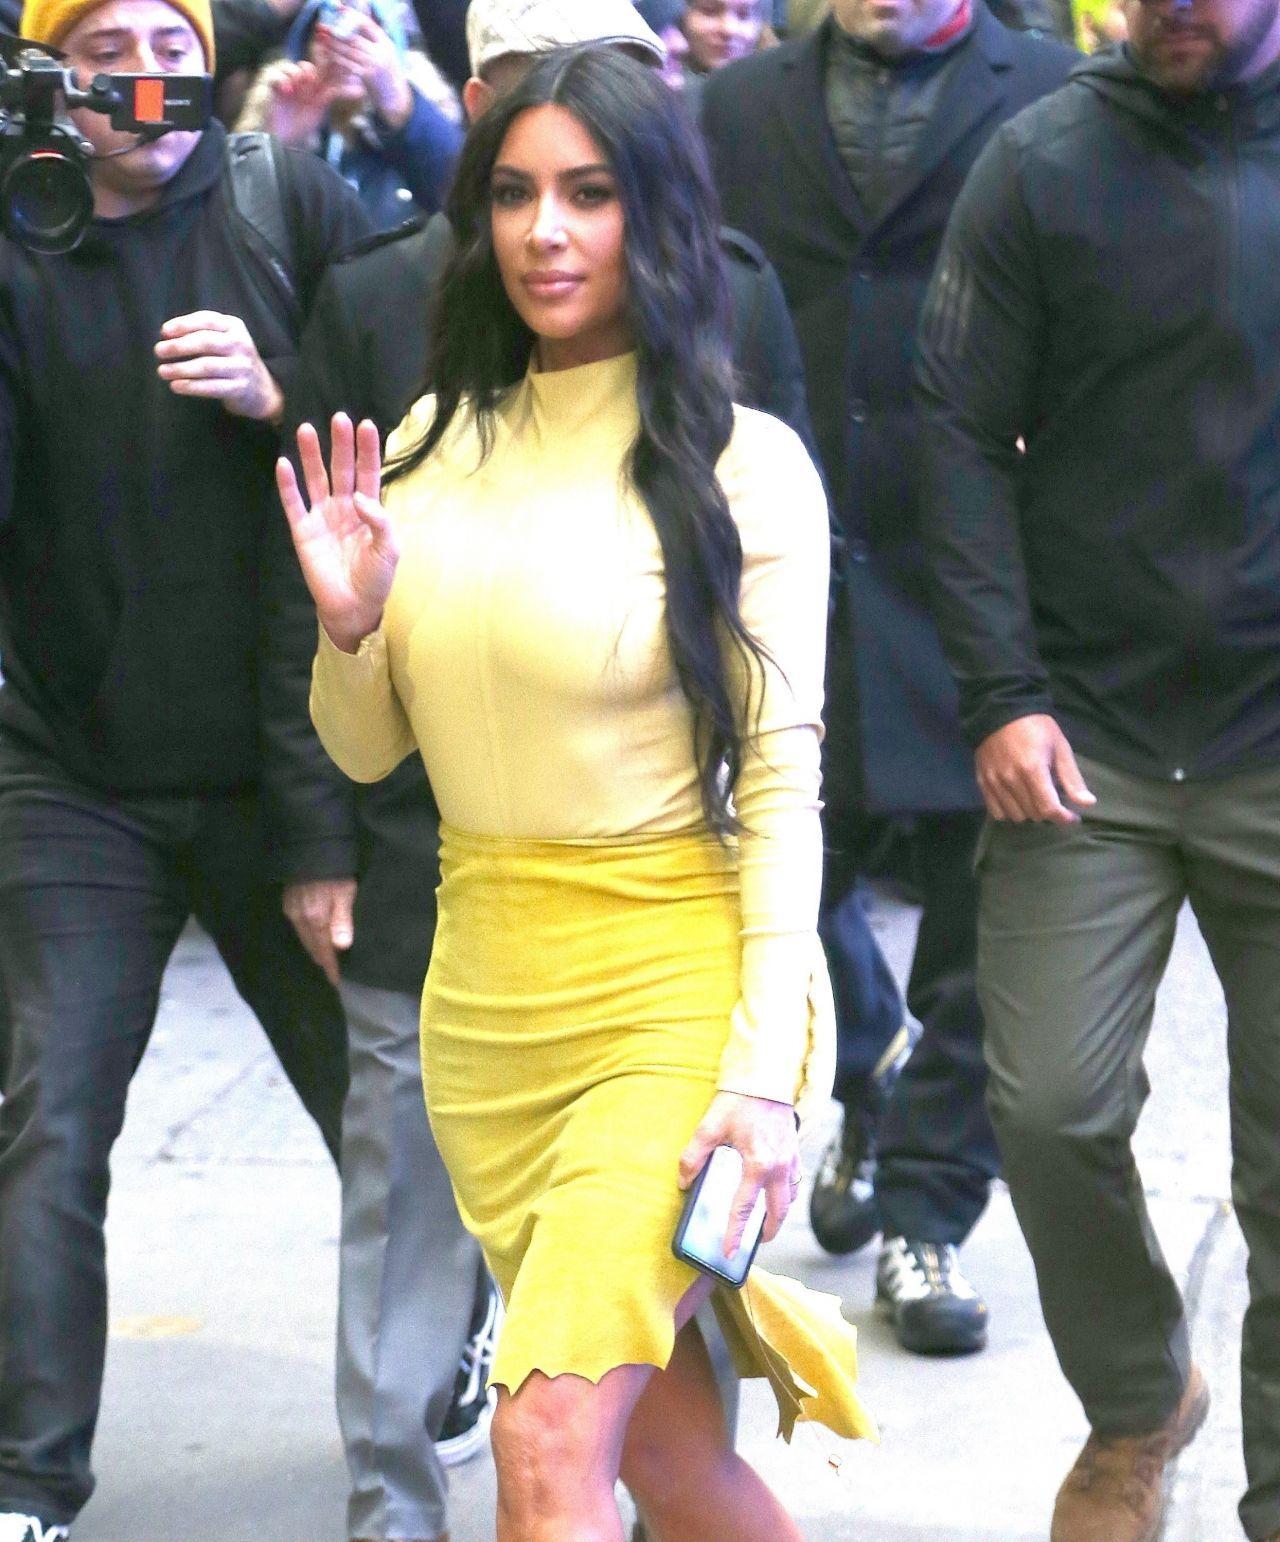 金·卡戴珊(Kim Kardashian)-纽约《早安美国》02/05/2020